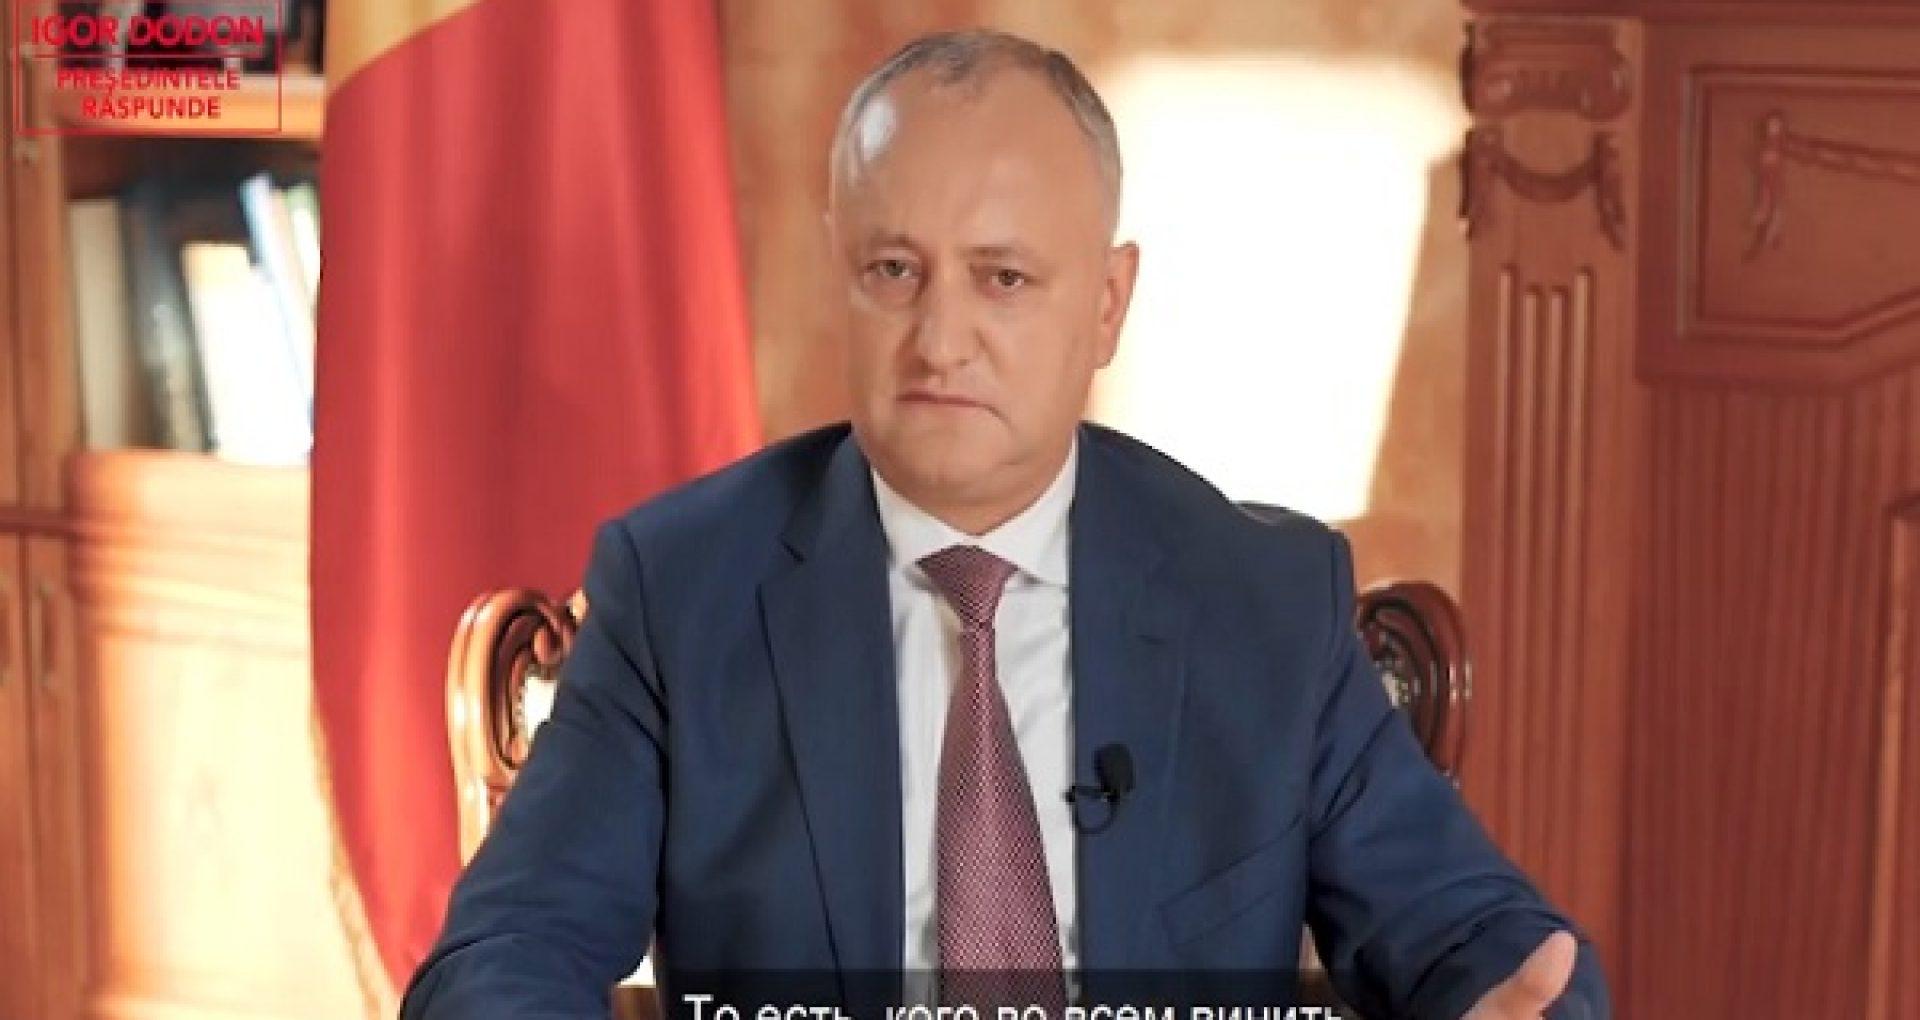 """După ce anterior """"le-a amintit"""" cetățenilor că R. Moldova este țară parlamentară, Dodon susține că noul președinte ales trebuie să își asume responsabilitatea pentru situația din țară"""